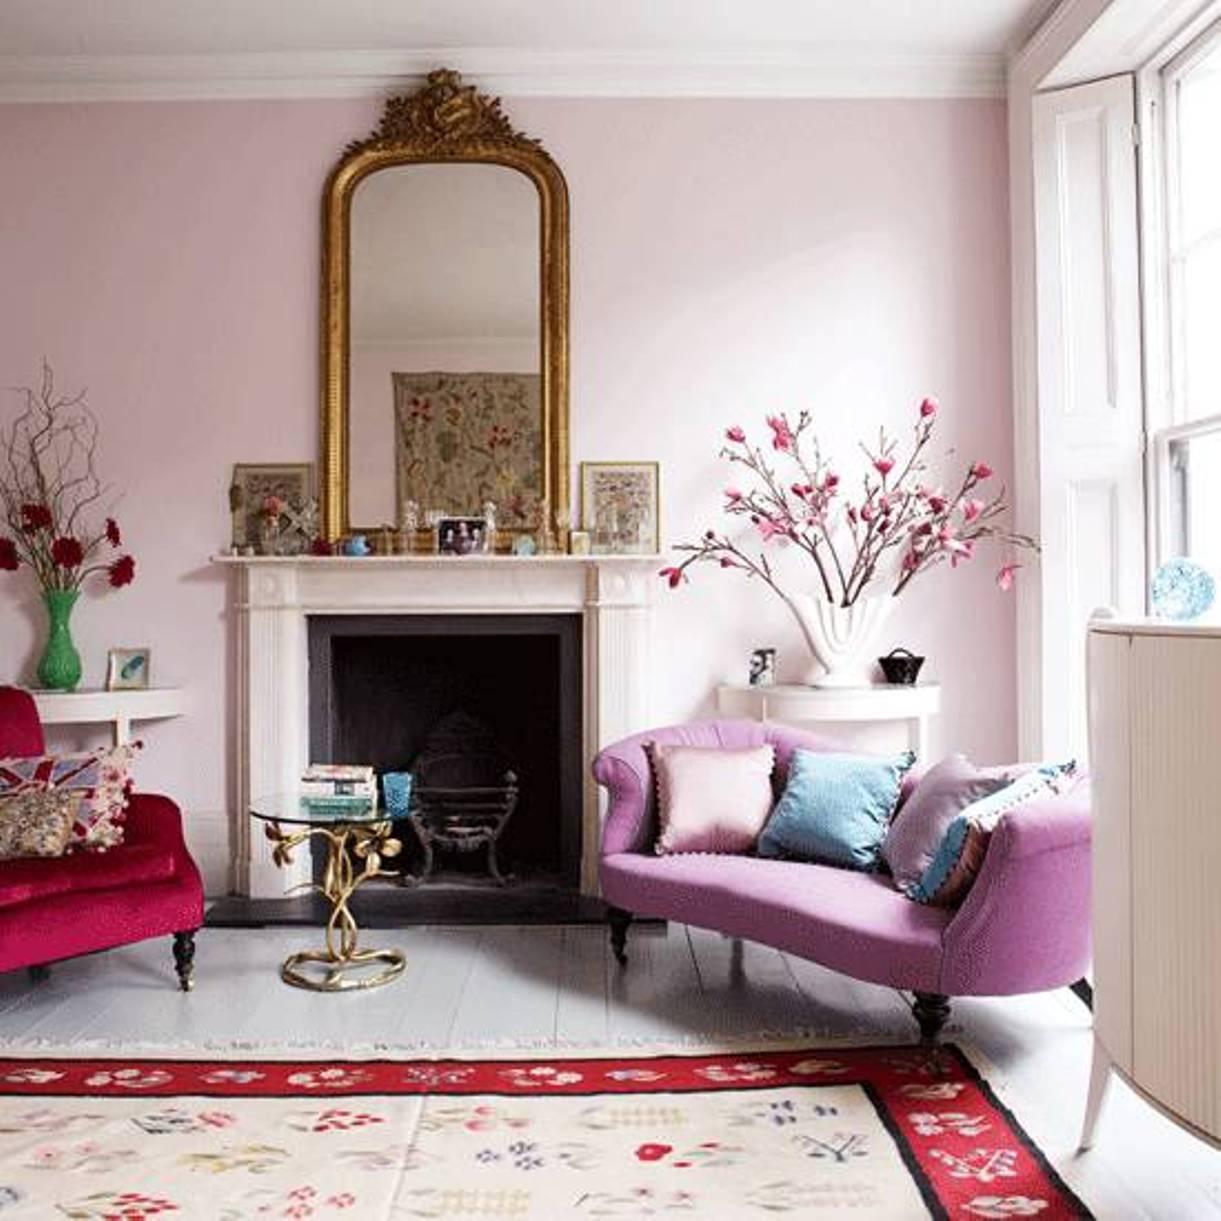 View In Gallery Warna Tema Ruang Tamu Dengan Pastel Pink Lembut